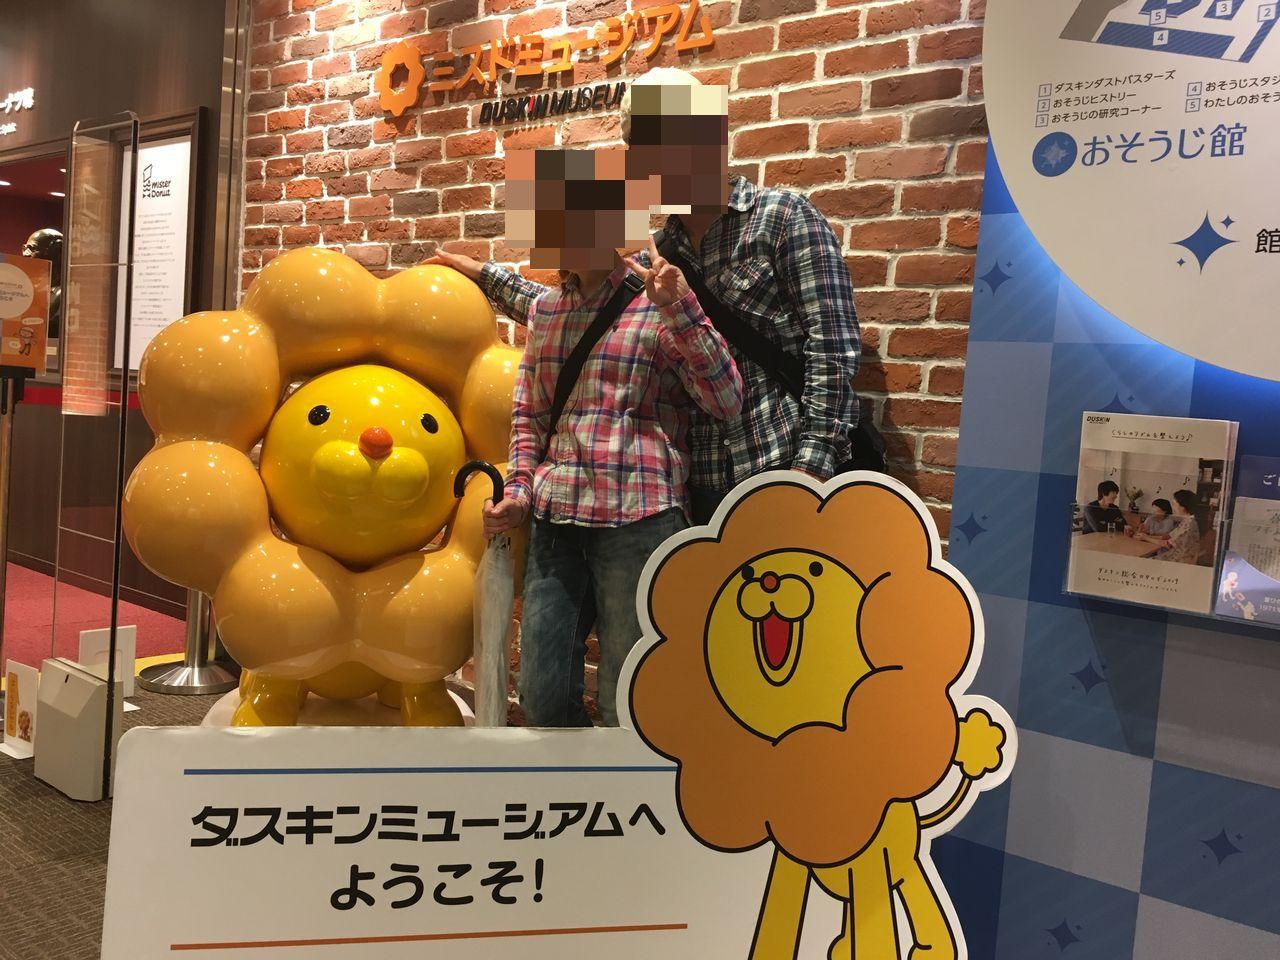 ダスキンミュージアム記念撮影